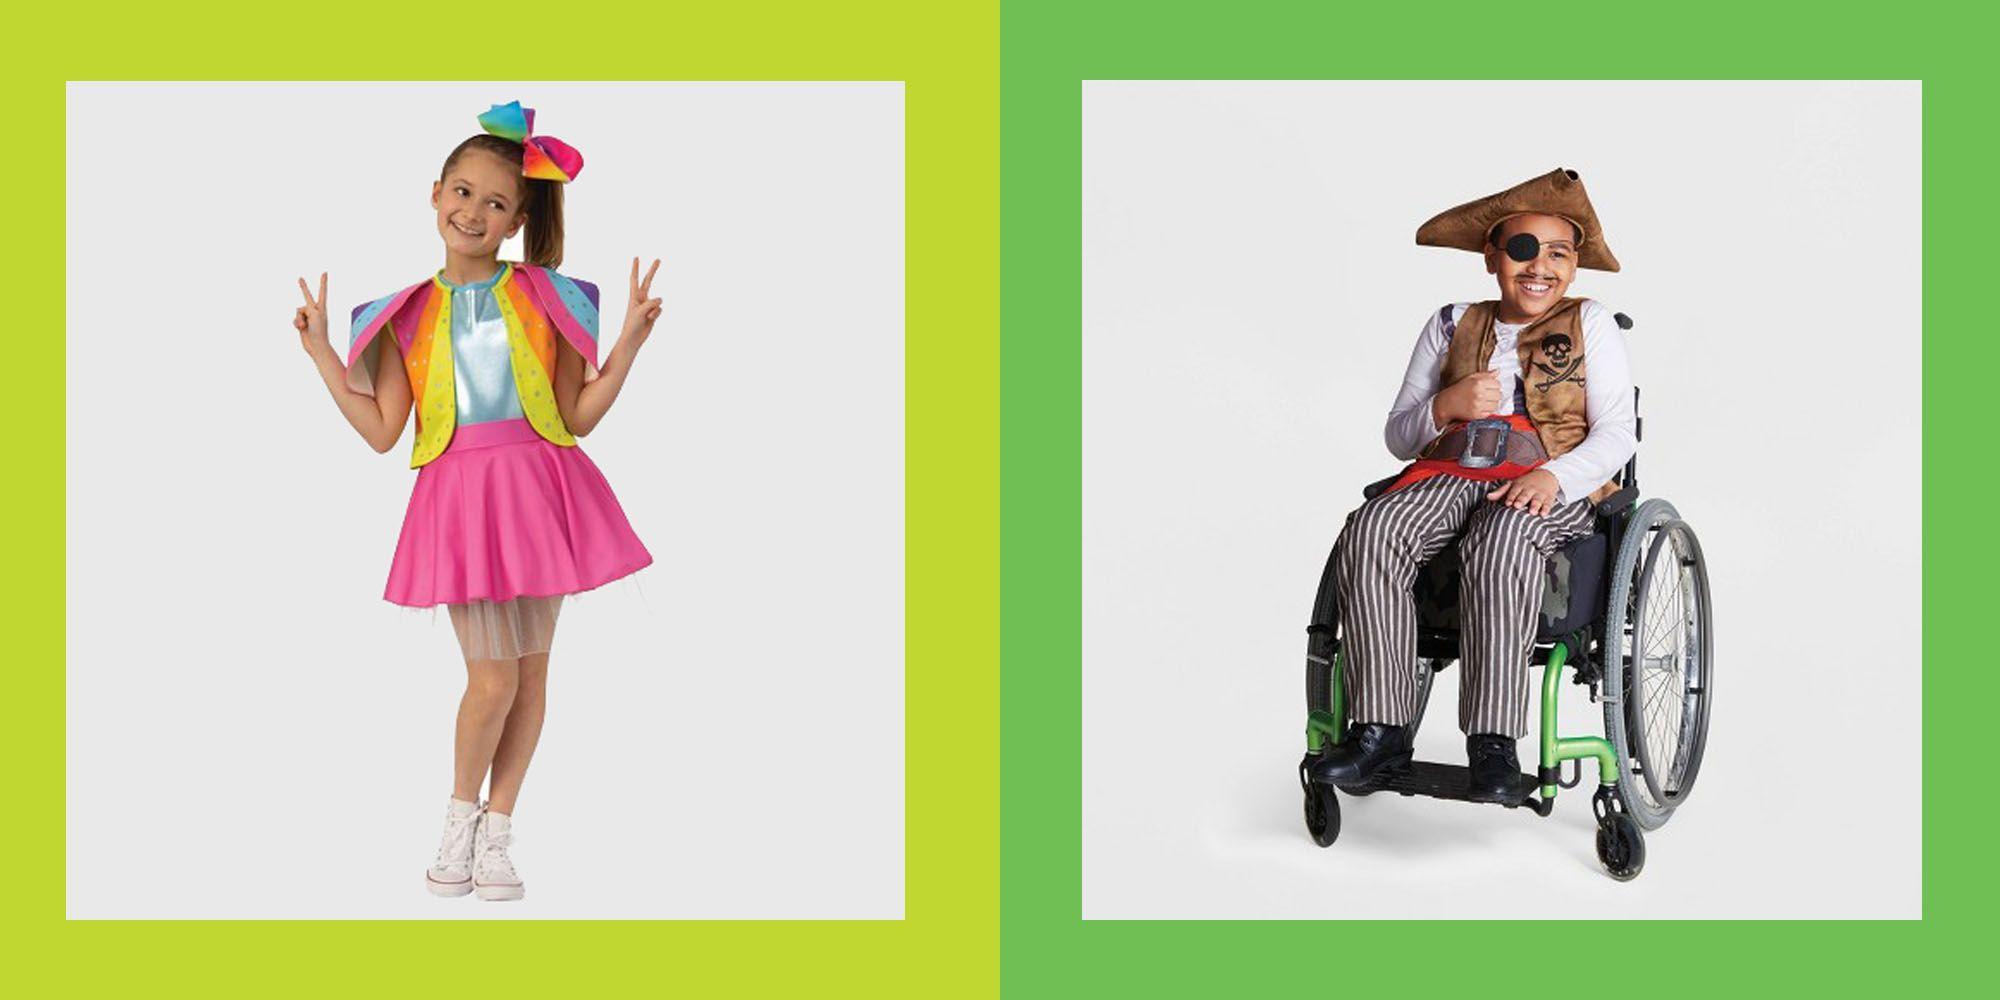 20 Target Halloween Costumes \u2014 Target Halloween Costumes 2019